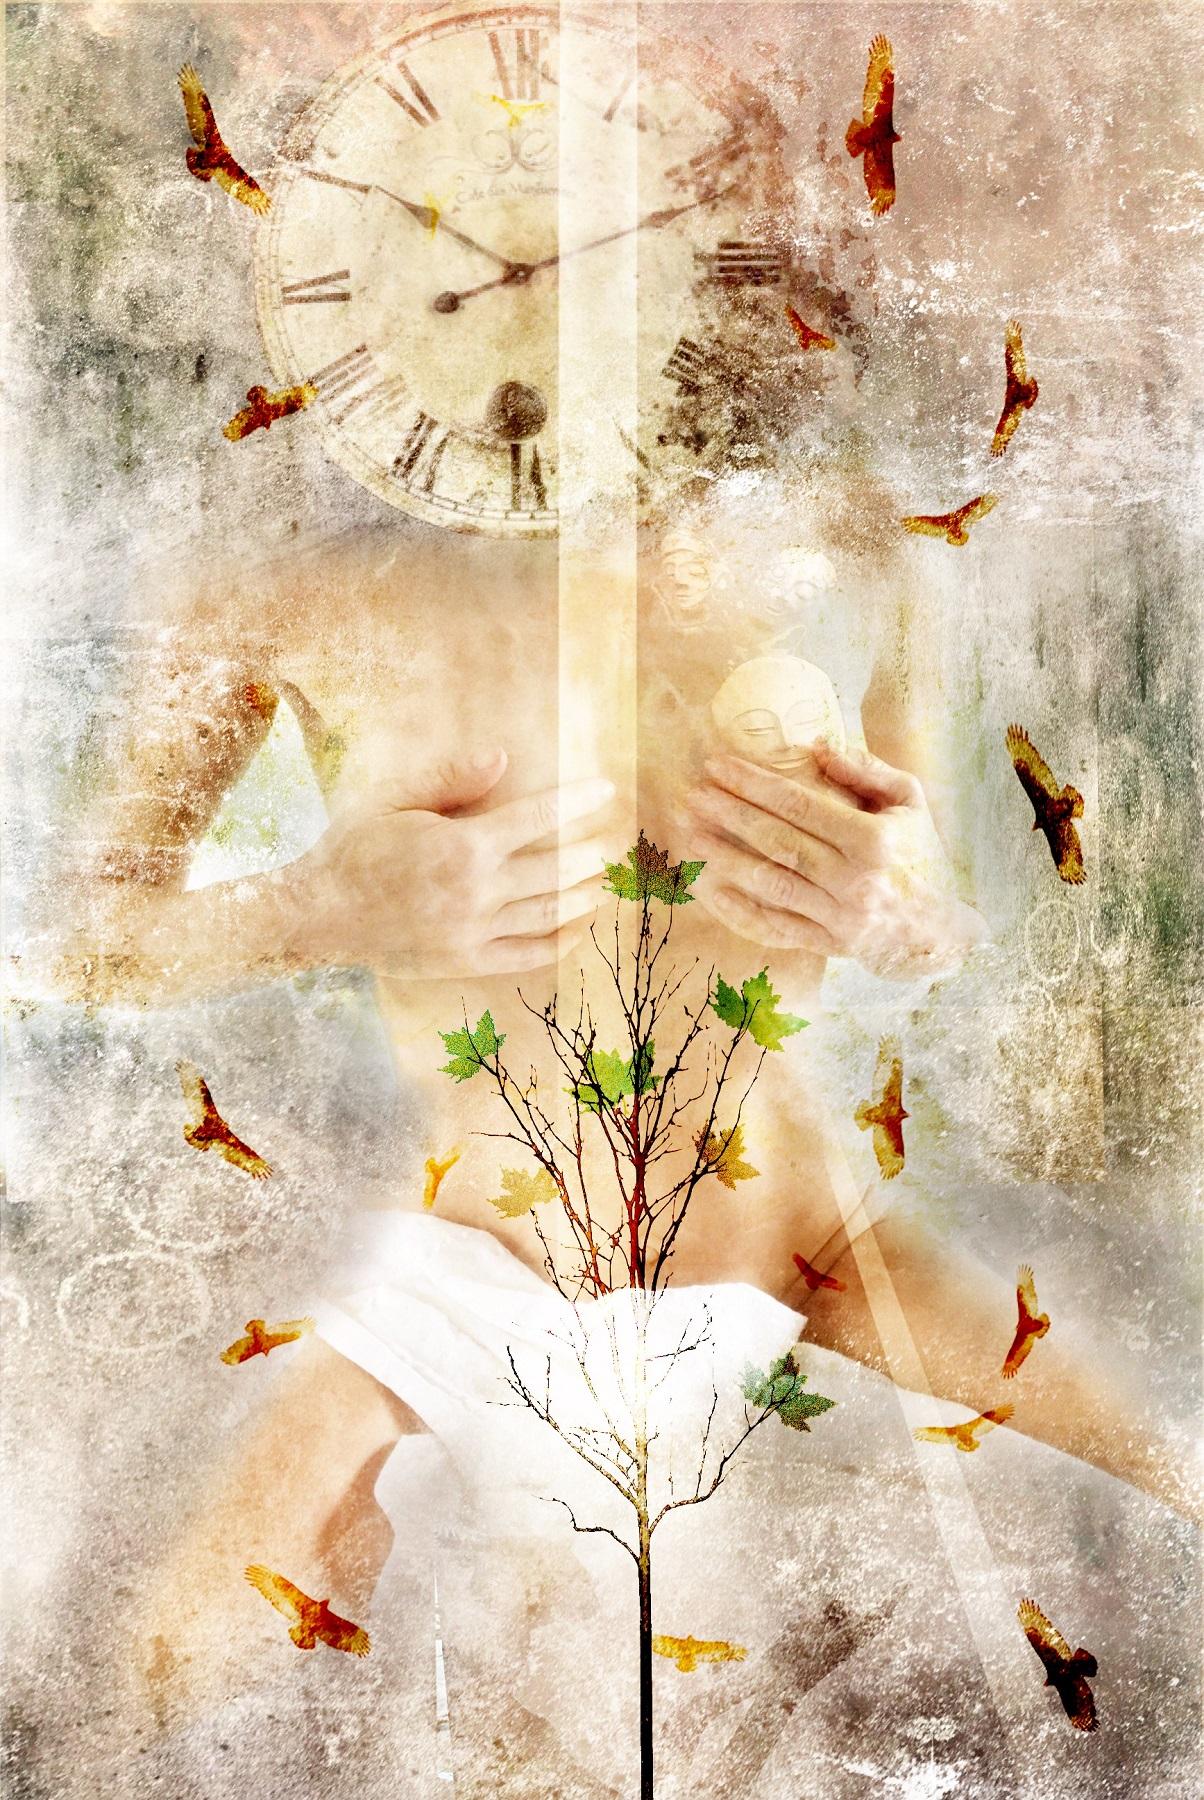 Jana_Curcio_Four Seasons_Spring_1.jpg